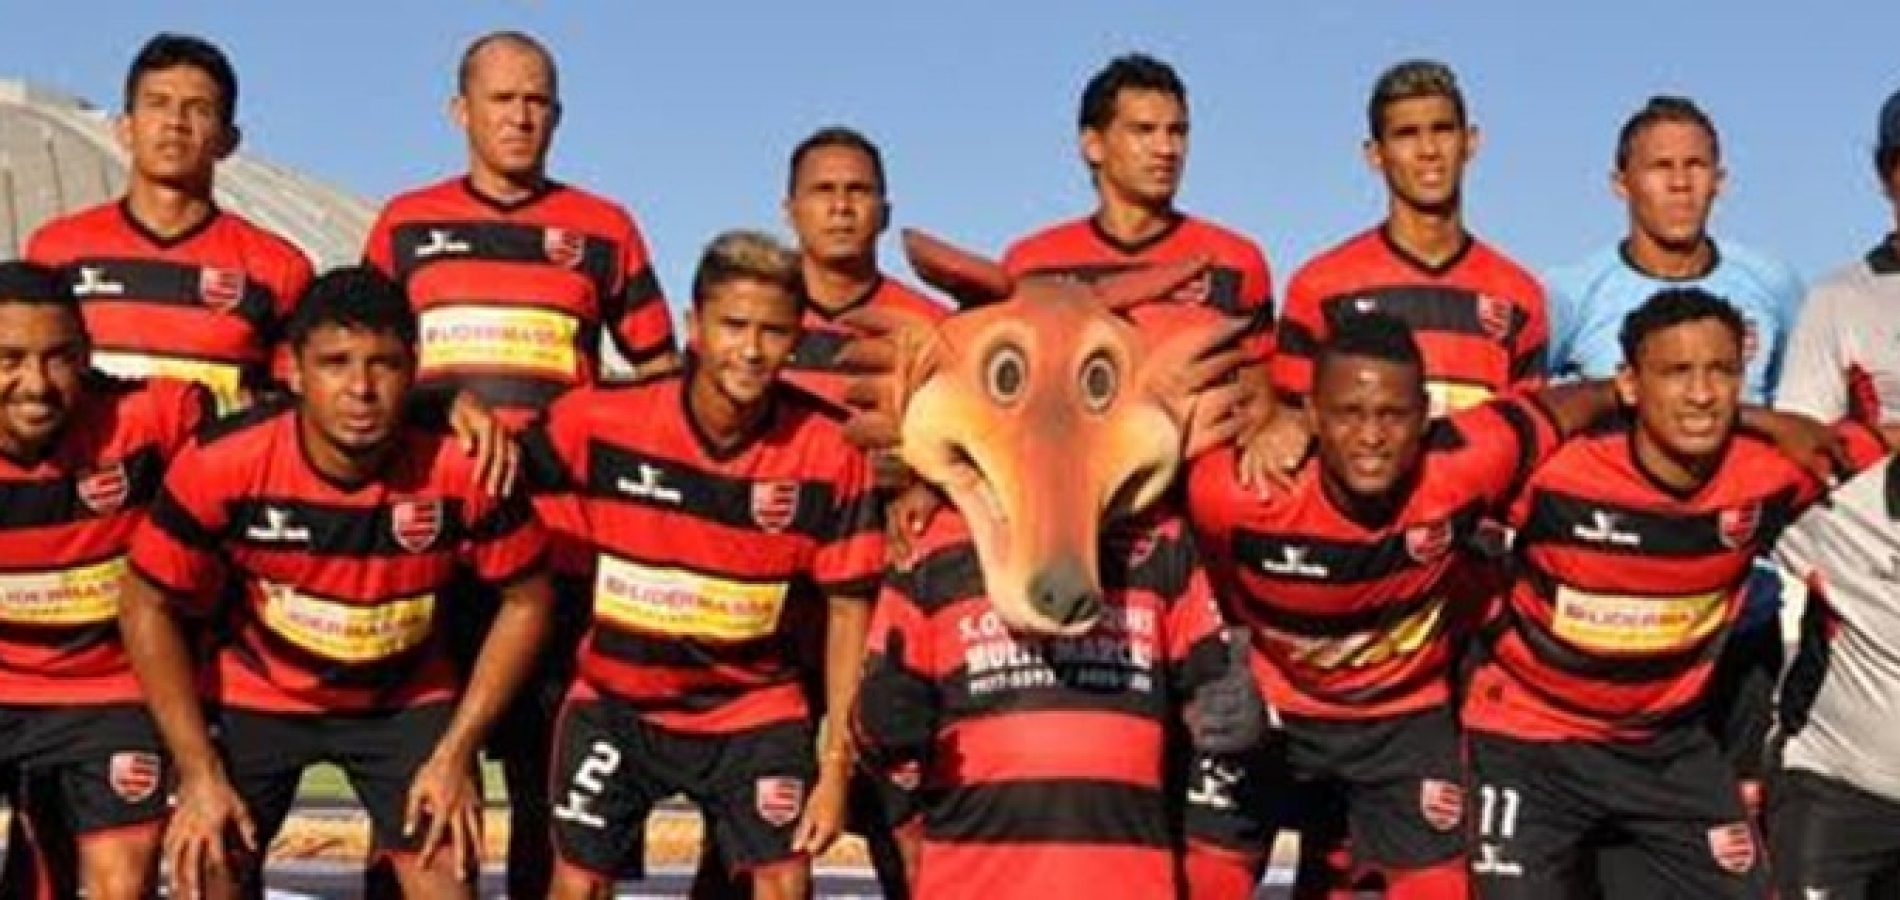 Futebol Piauiense é destaque no Globo Esporte, nova série teve início nesta quinta